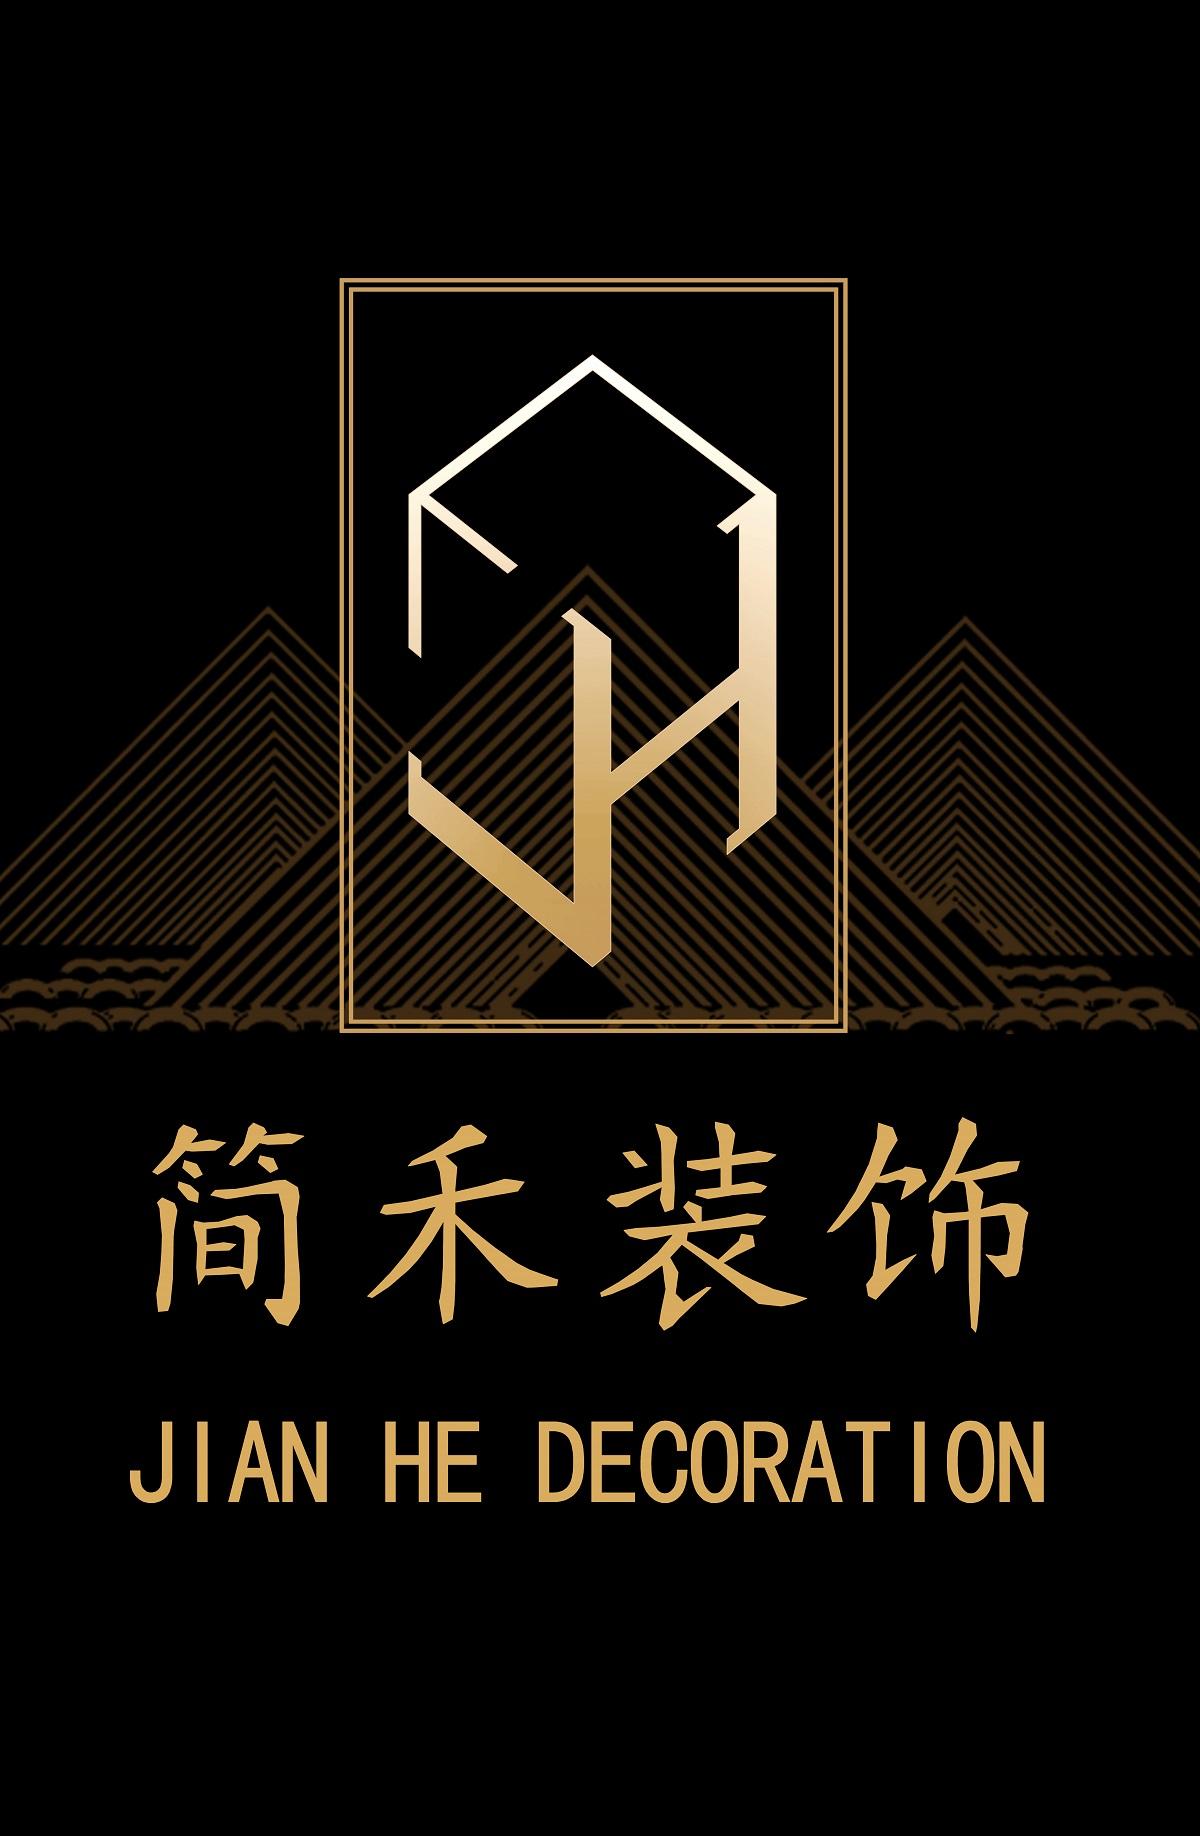 湖南简禾装饰工程有限公司